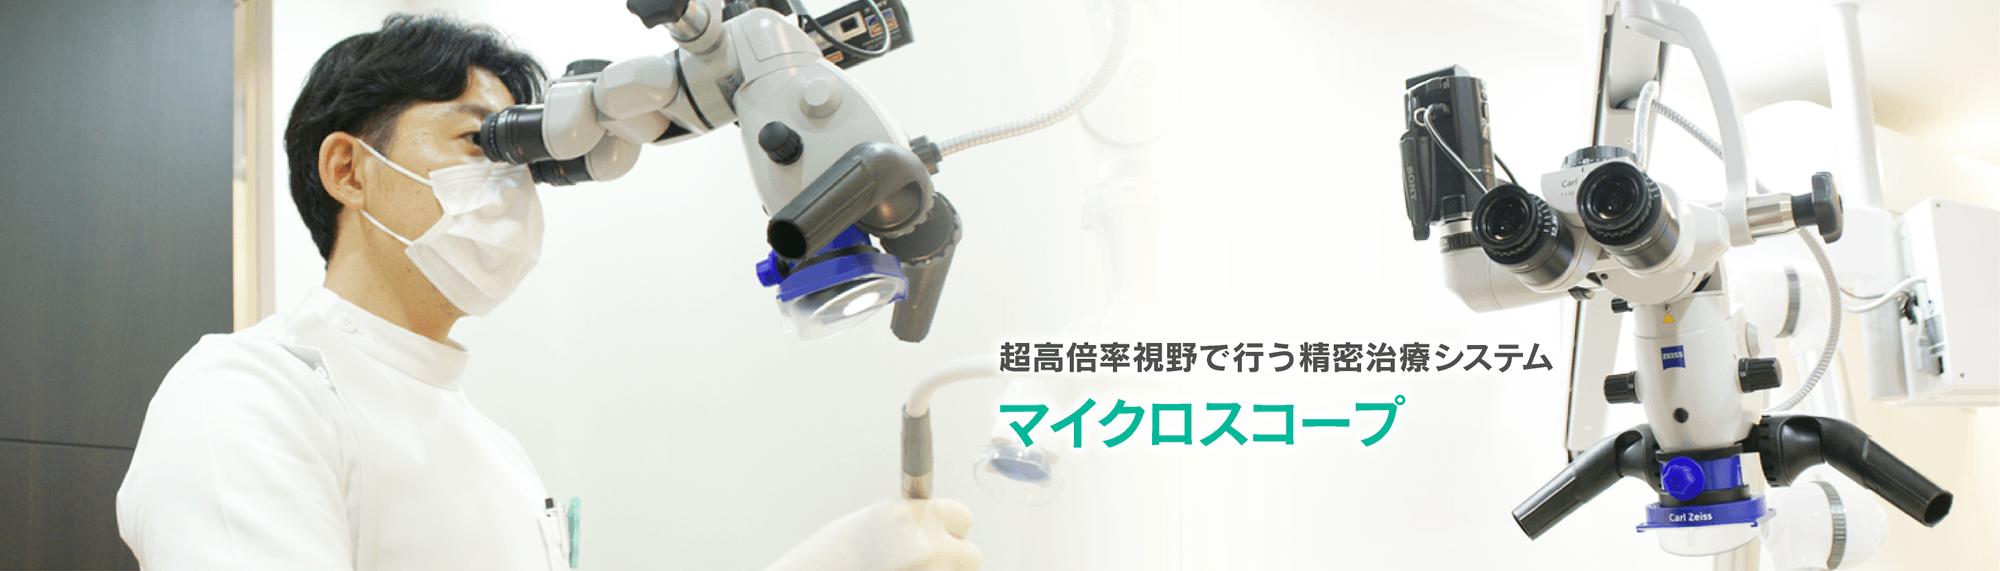 超高倍率視野で行う精密治療システムマイクロスコープ